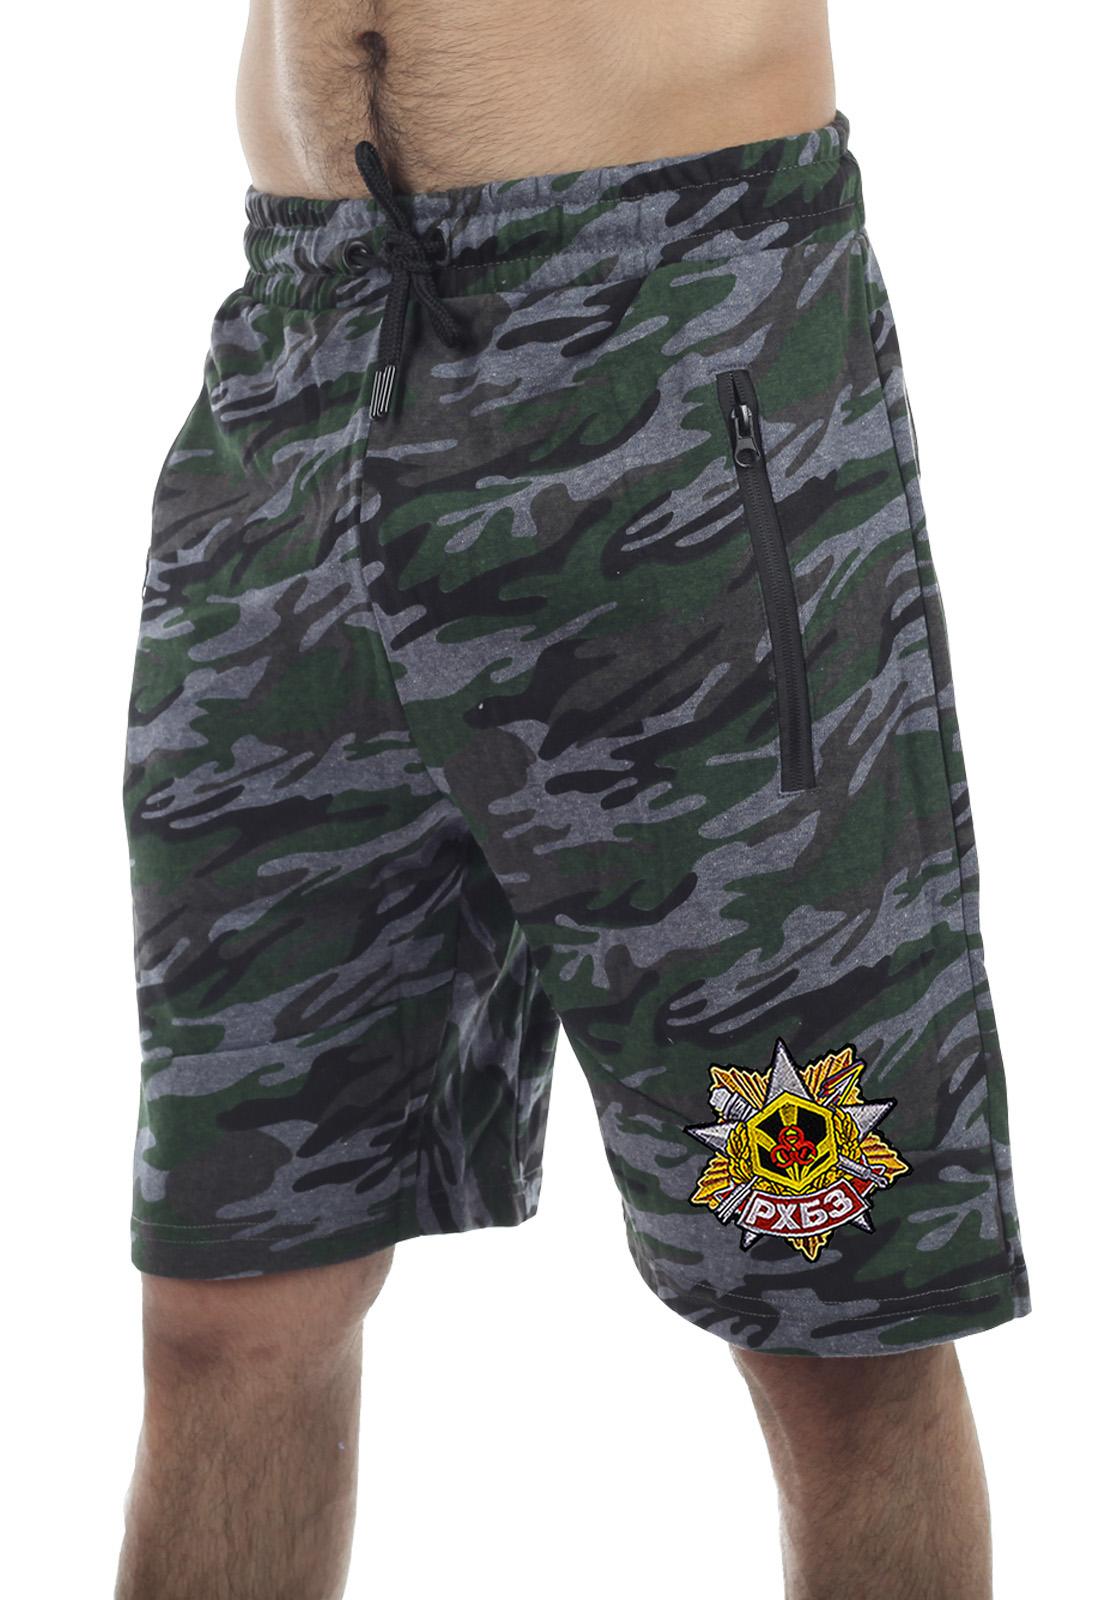 Купить удлиненные камуфлированные шорты с нашивкой РХБЗ в подарок любимому